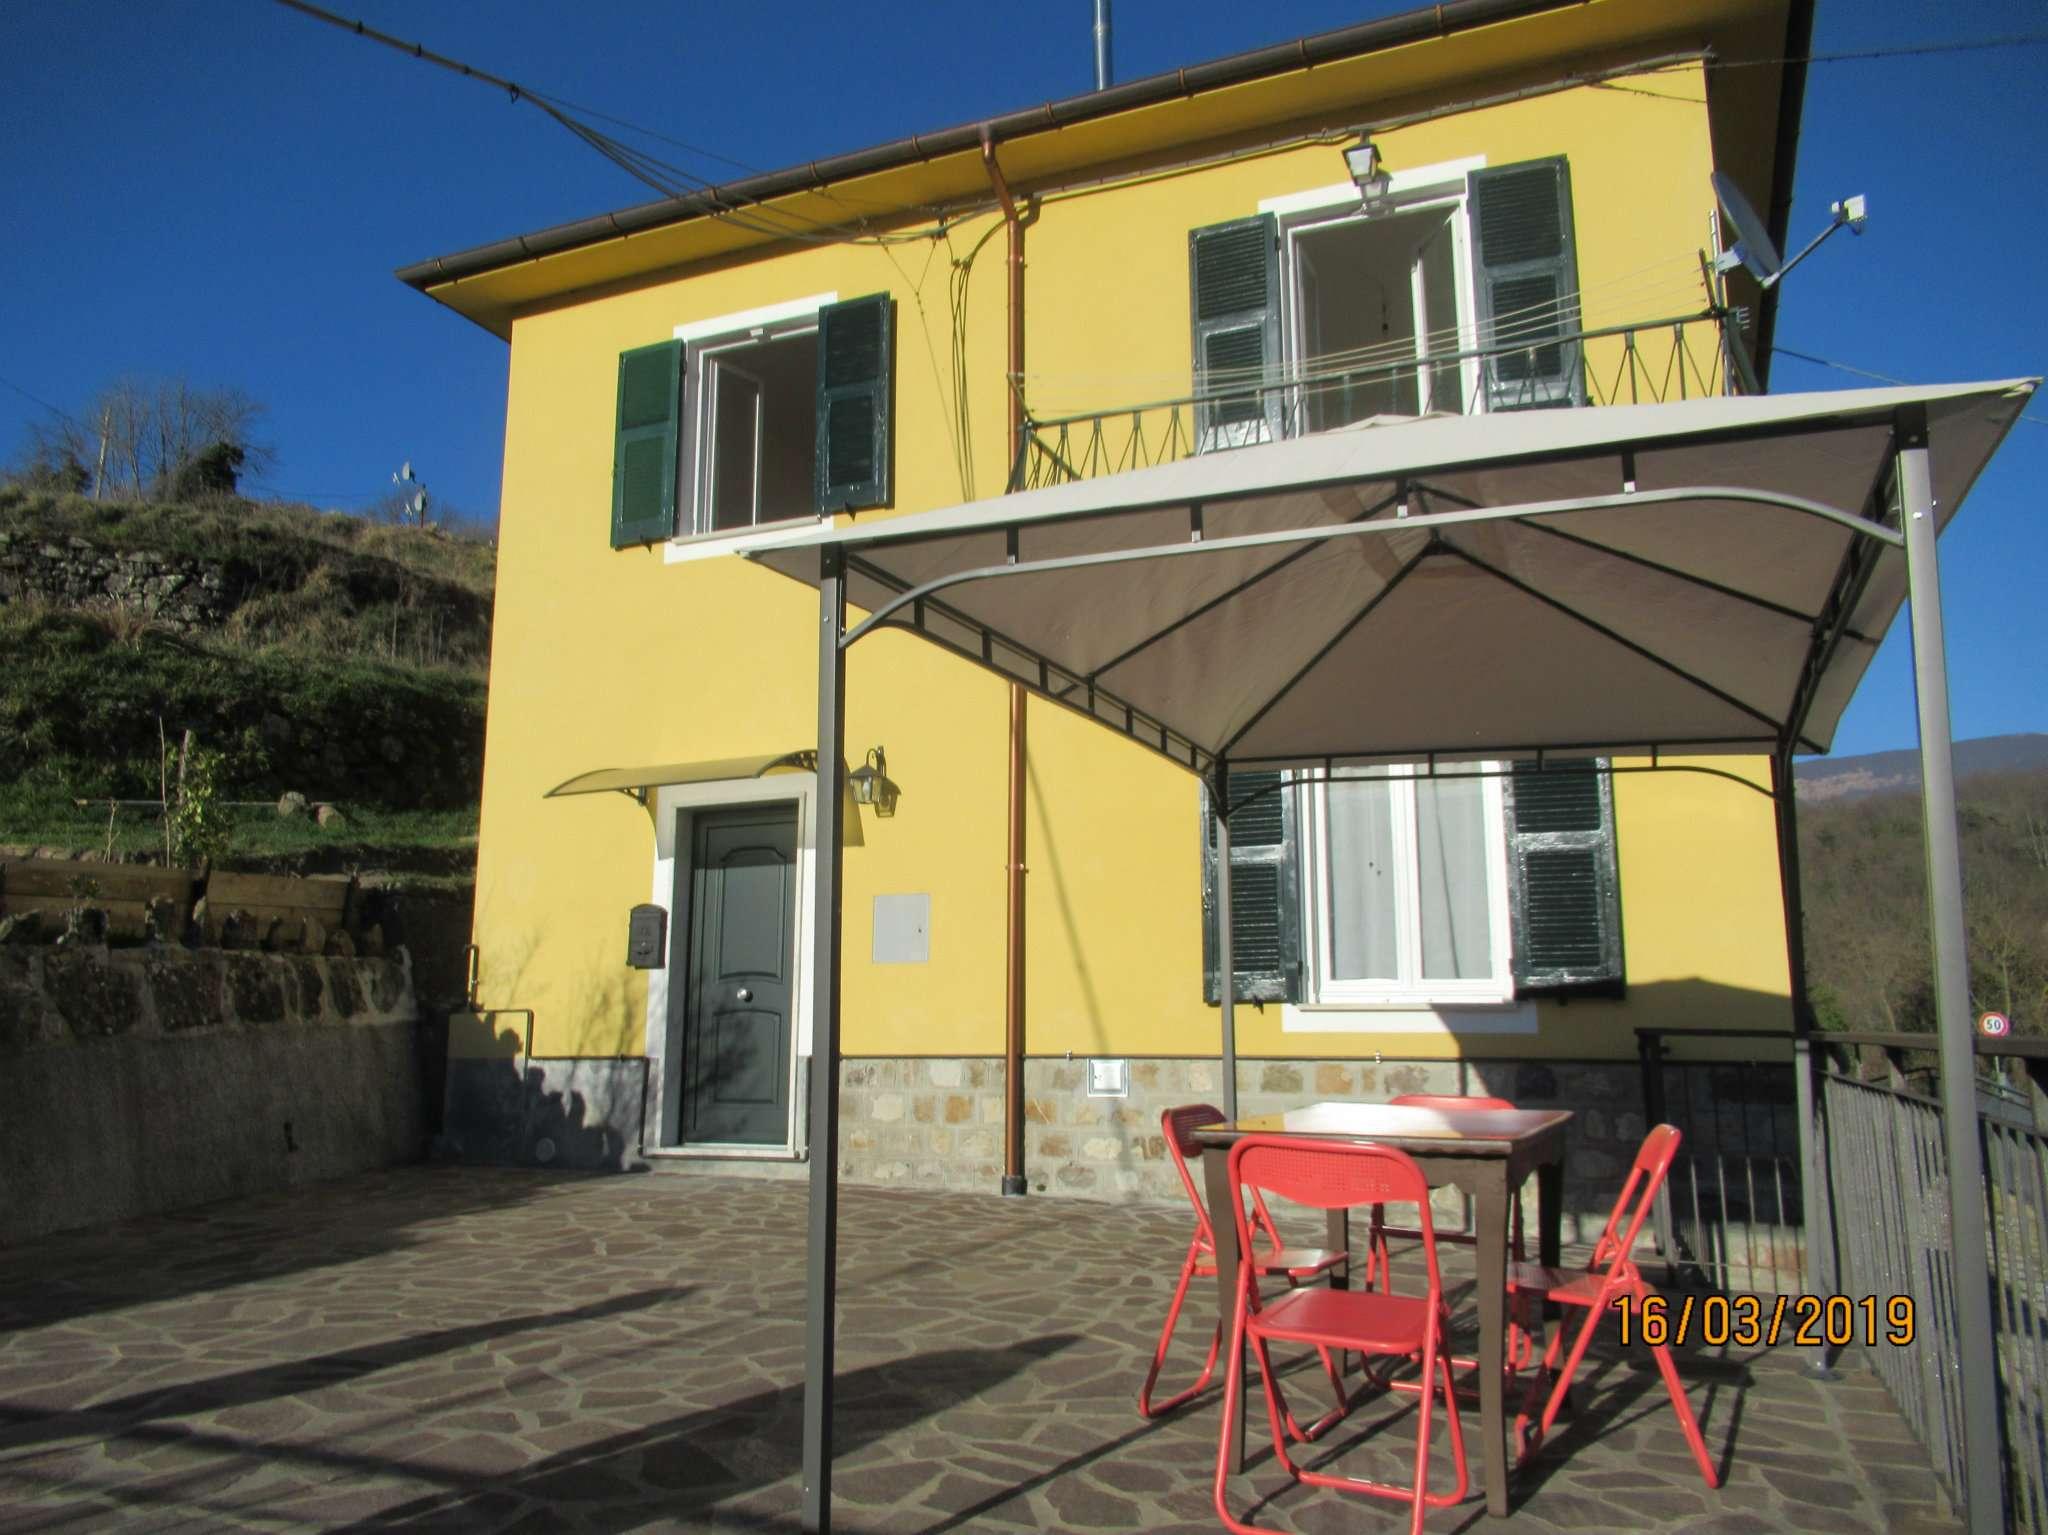 Appartamento in affitto a Varese Ligure, 6 locali, prezzo € 350 | PortaleAgenzieImmobiliari.it